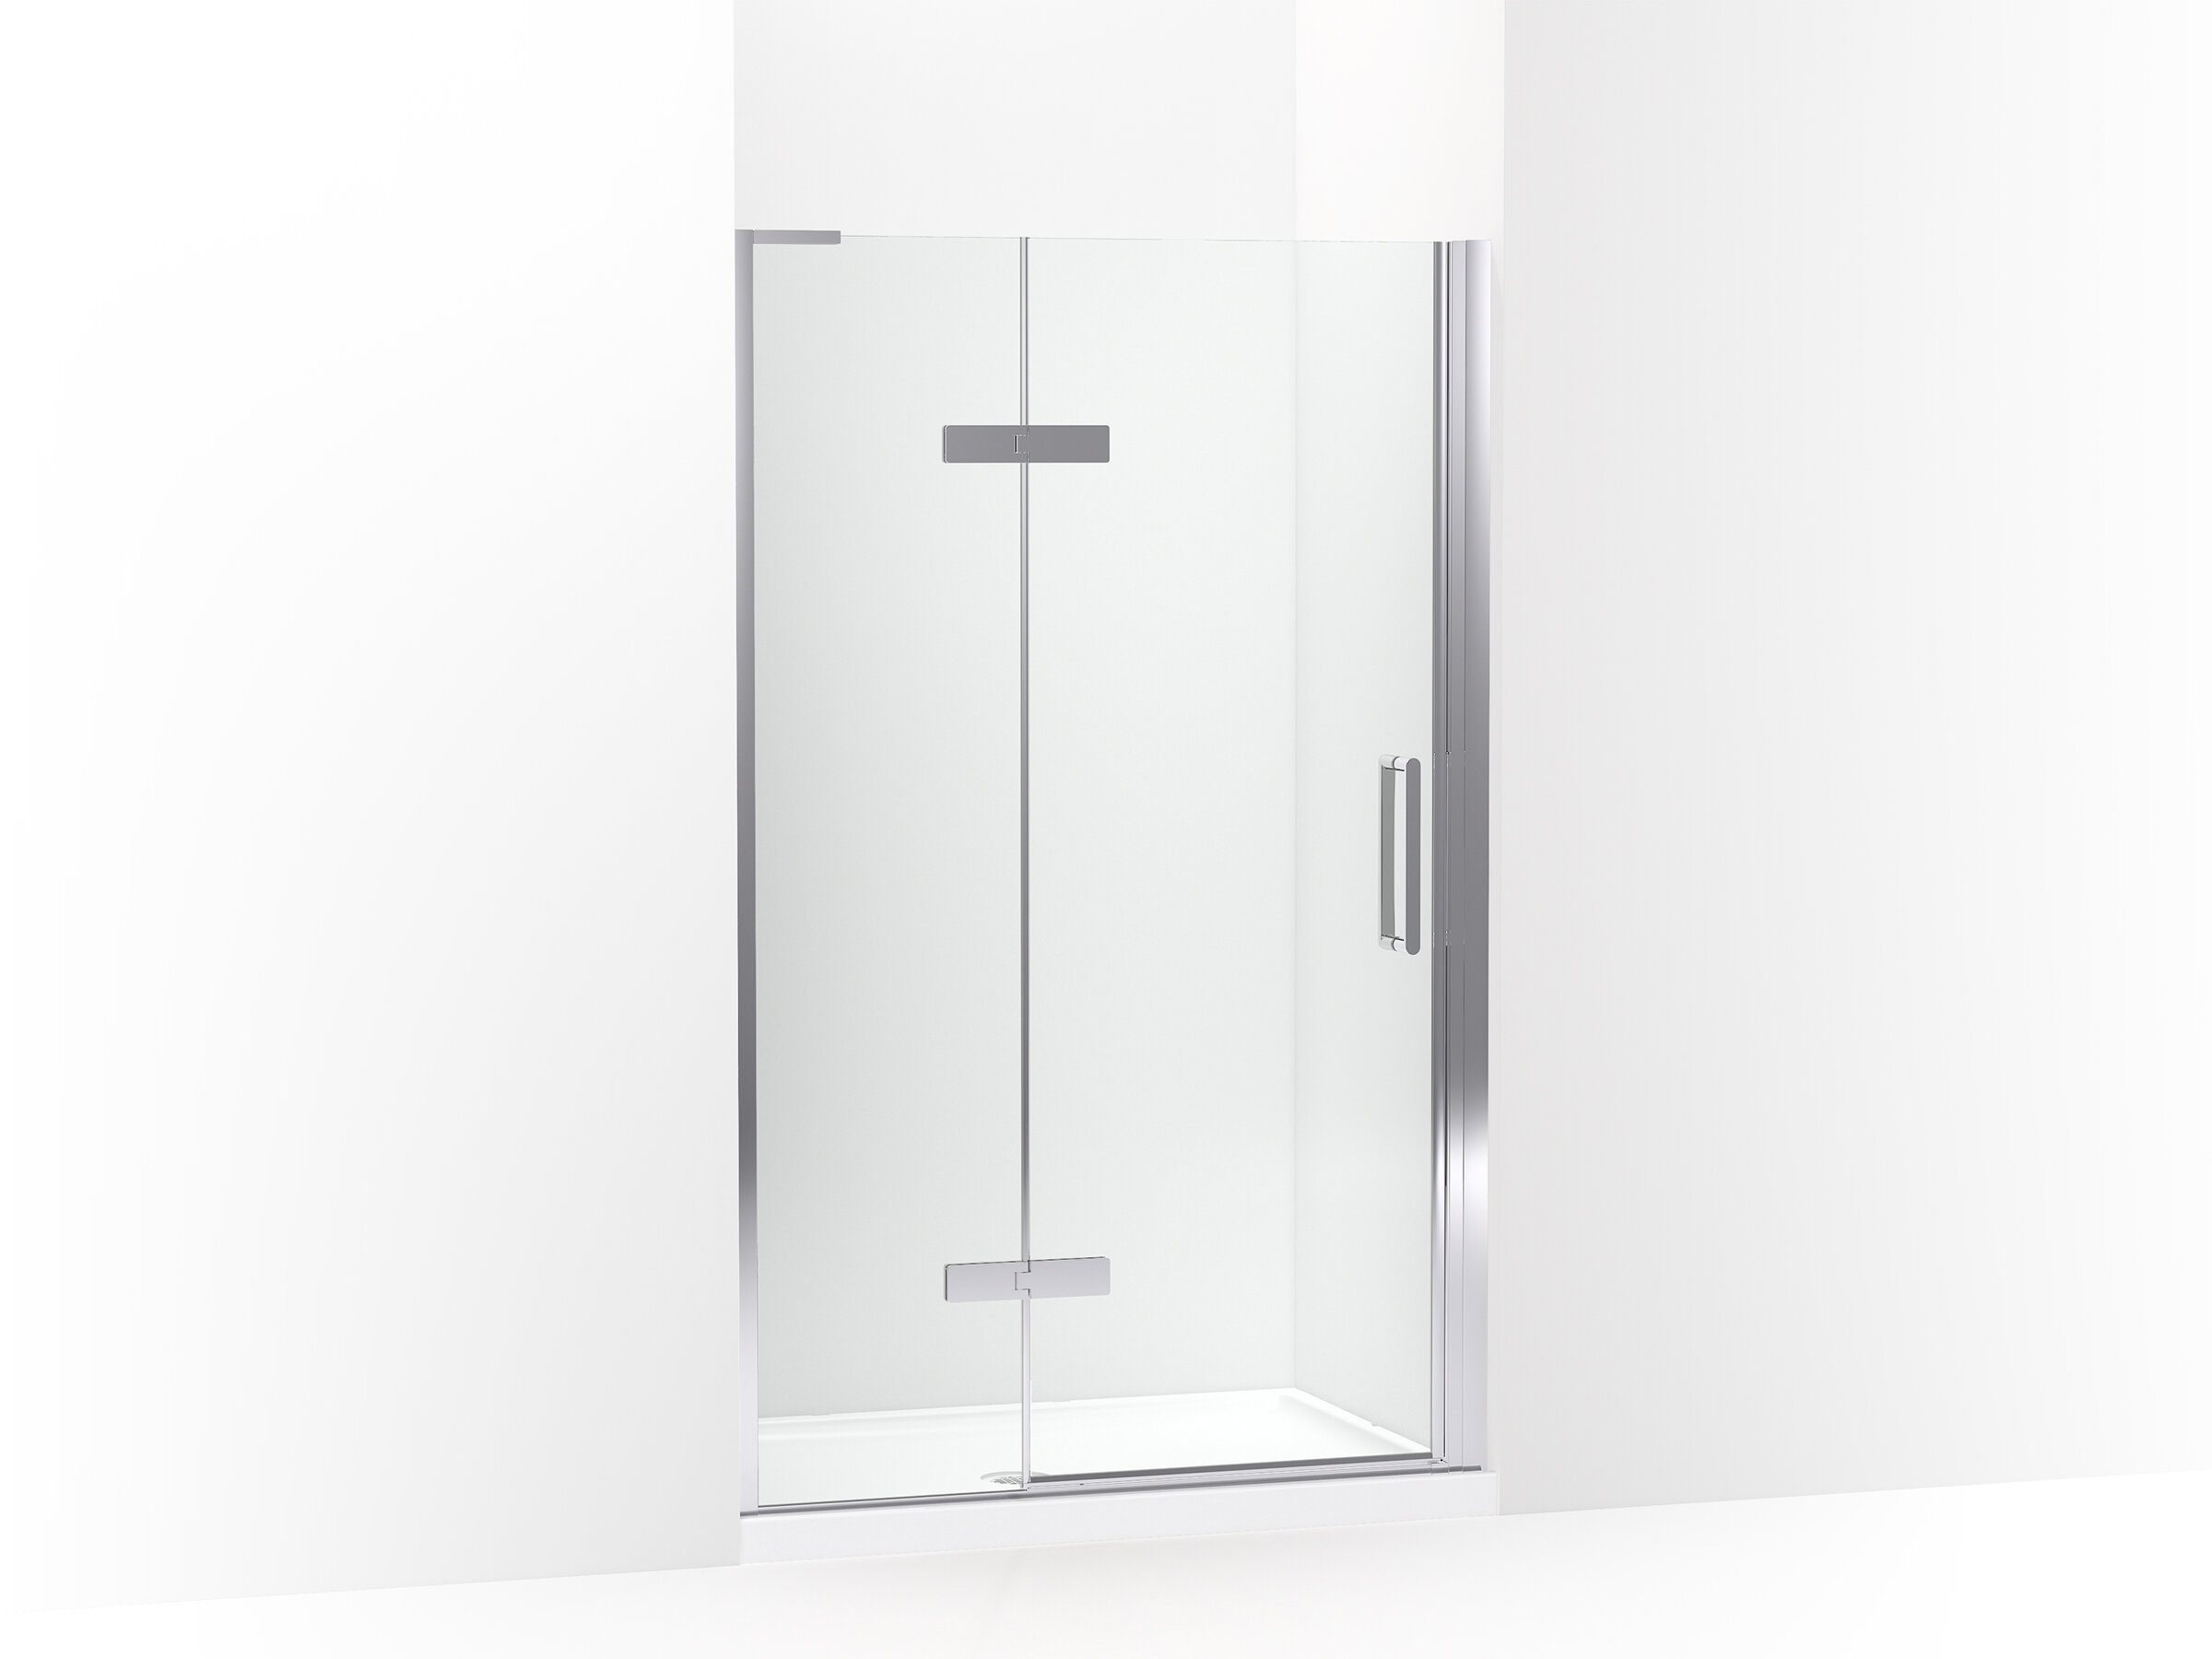 Composed Frameless Pivot Shower Door